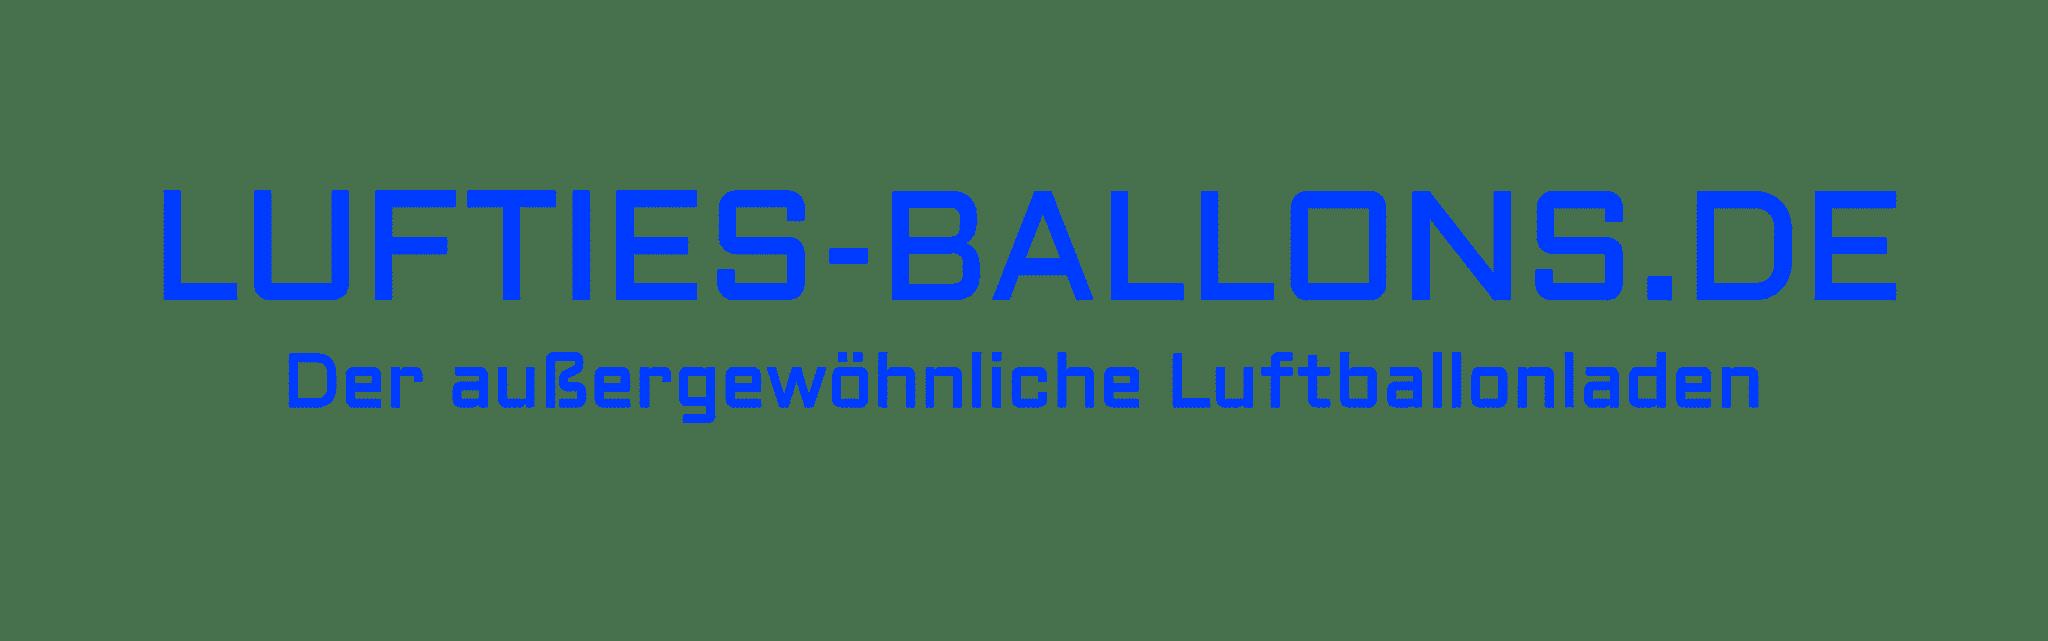 Lufties-Ballons